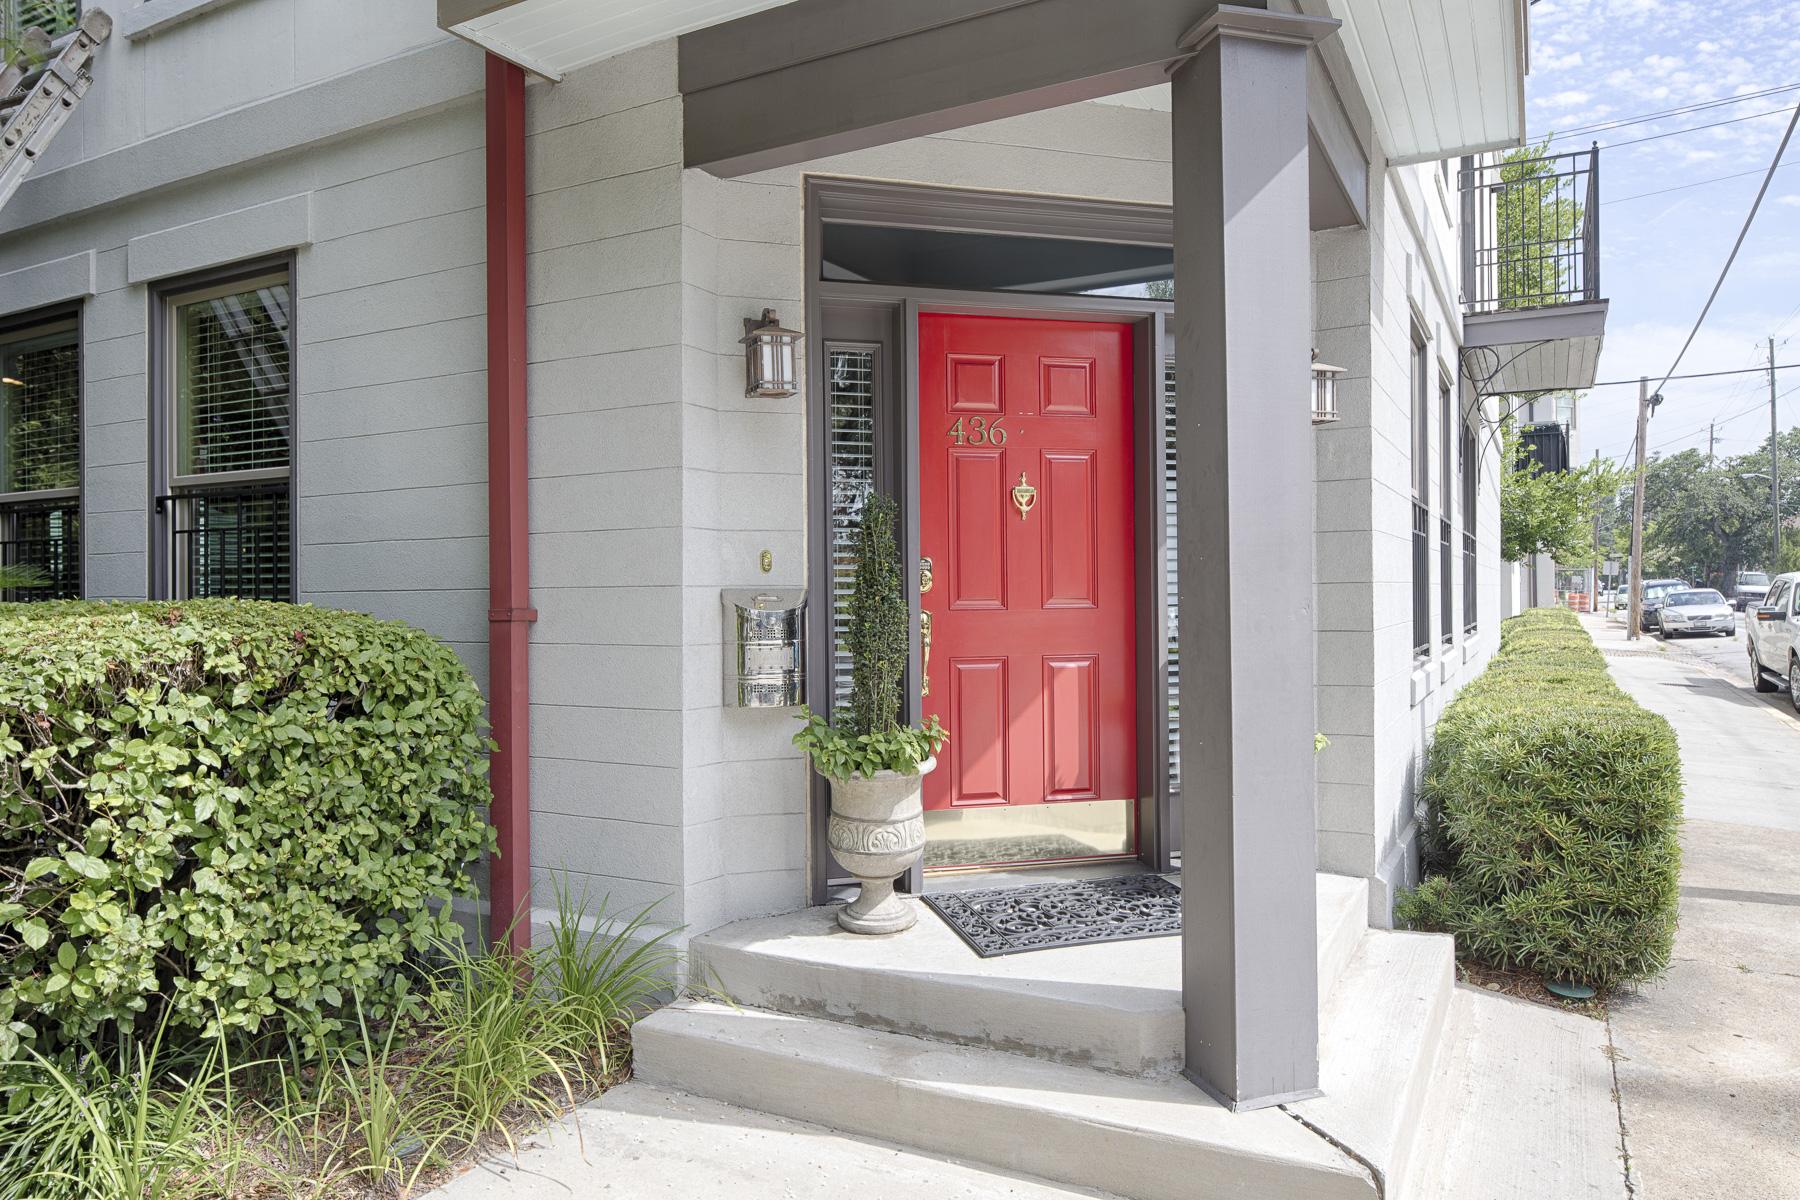 Condominium for Sale at 436 East Oglethrope Avenue 436 East Oglethorpe Avenue Savannah, Georgia 31401 United States